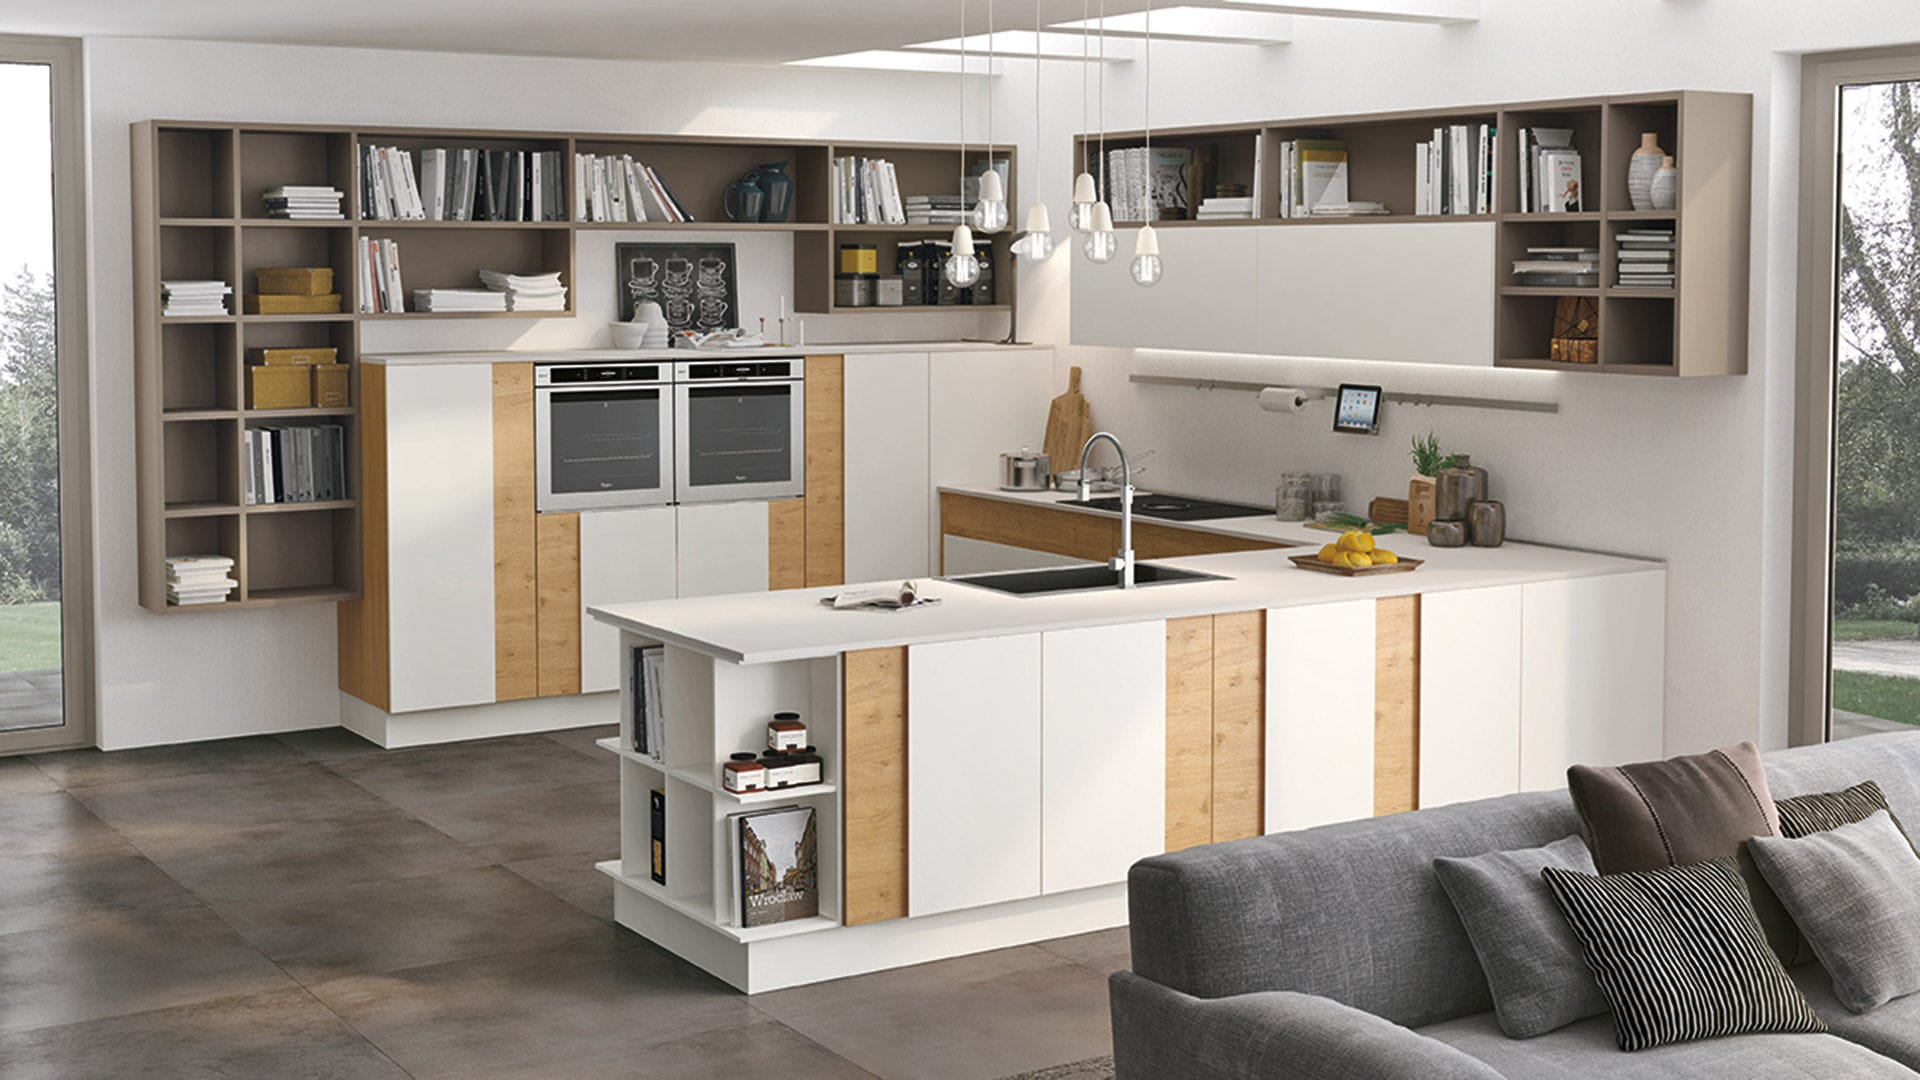 Moderne Küche / Holz / lackiert / ohne Griff CREATIVA CUCINE LUBE